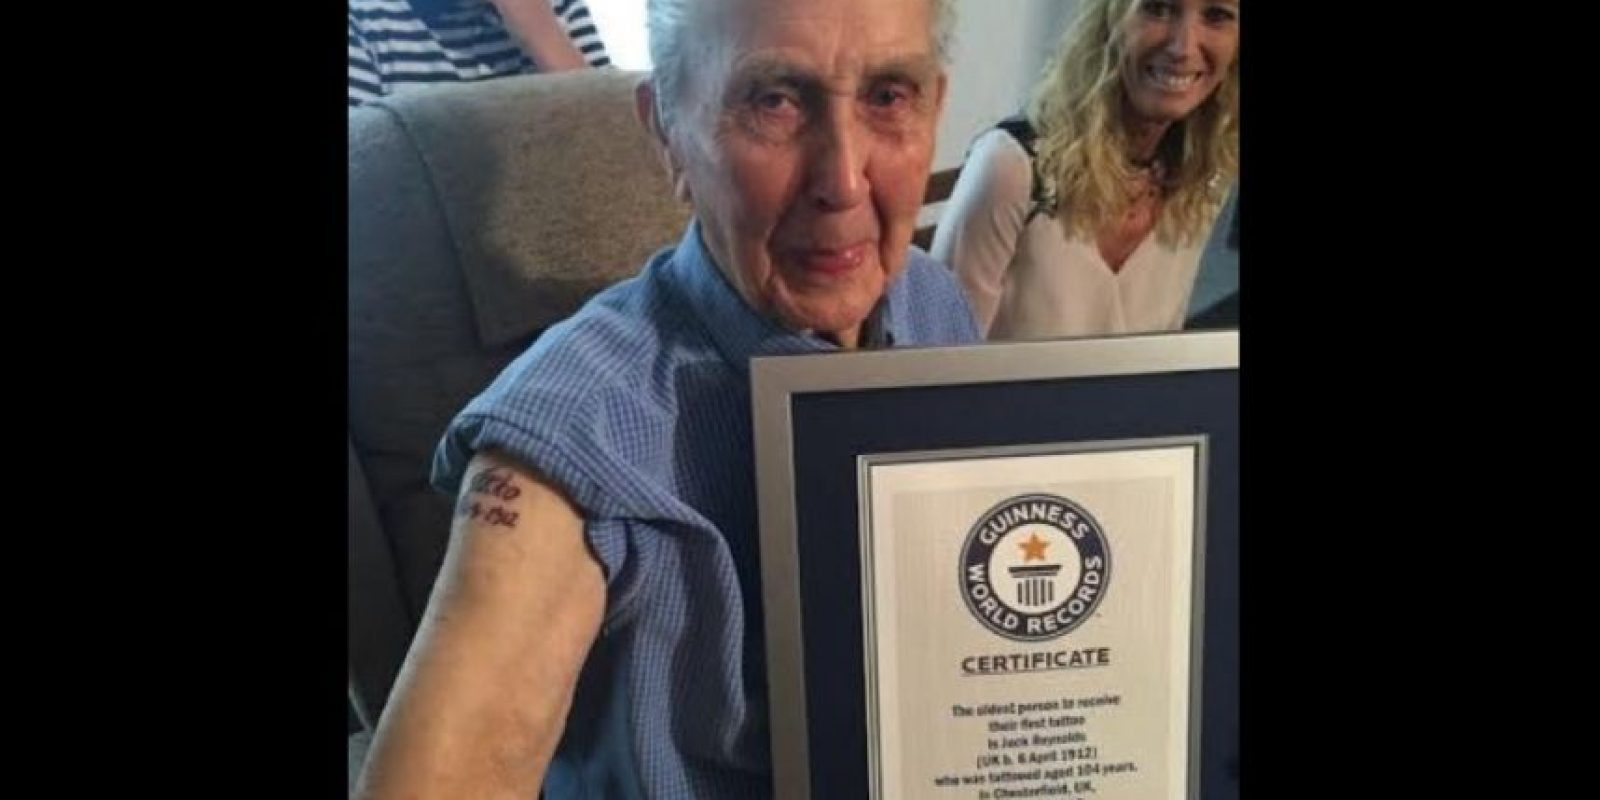 Con sus 104 años Reynolds se tatuó en el estudio Pete Who's Tattoos ubicado en pueblo de Chesterfield, Inglaterra. Foto:witter.com/GWR